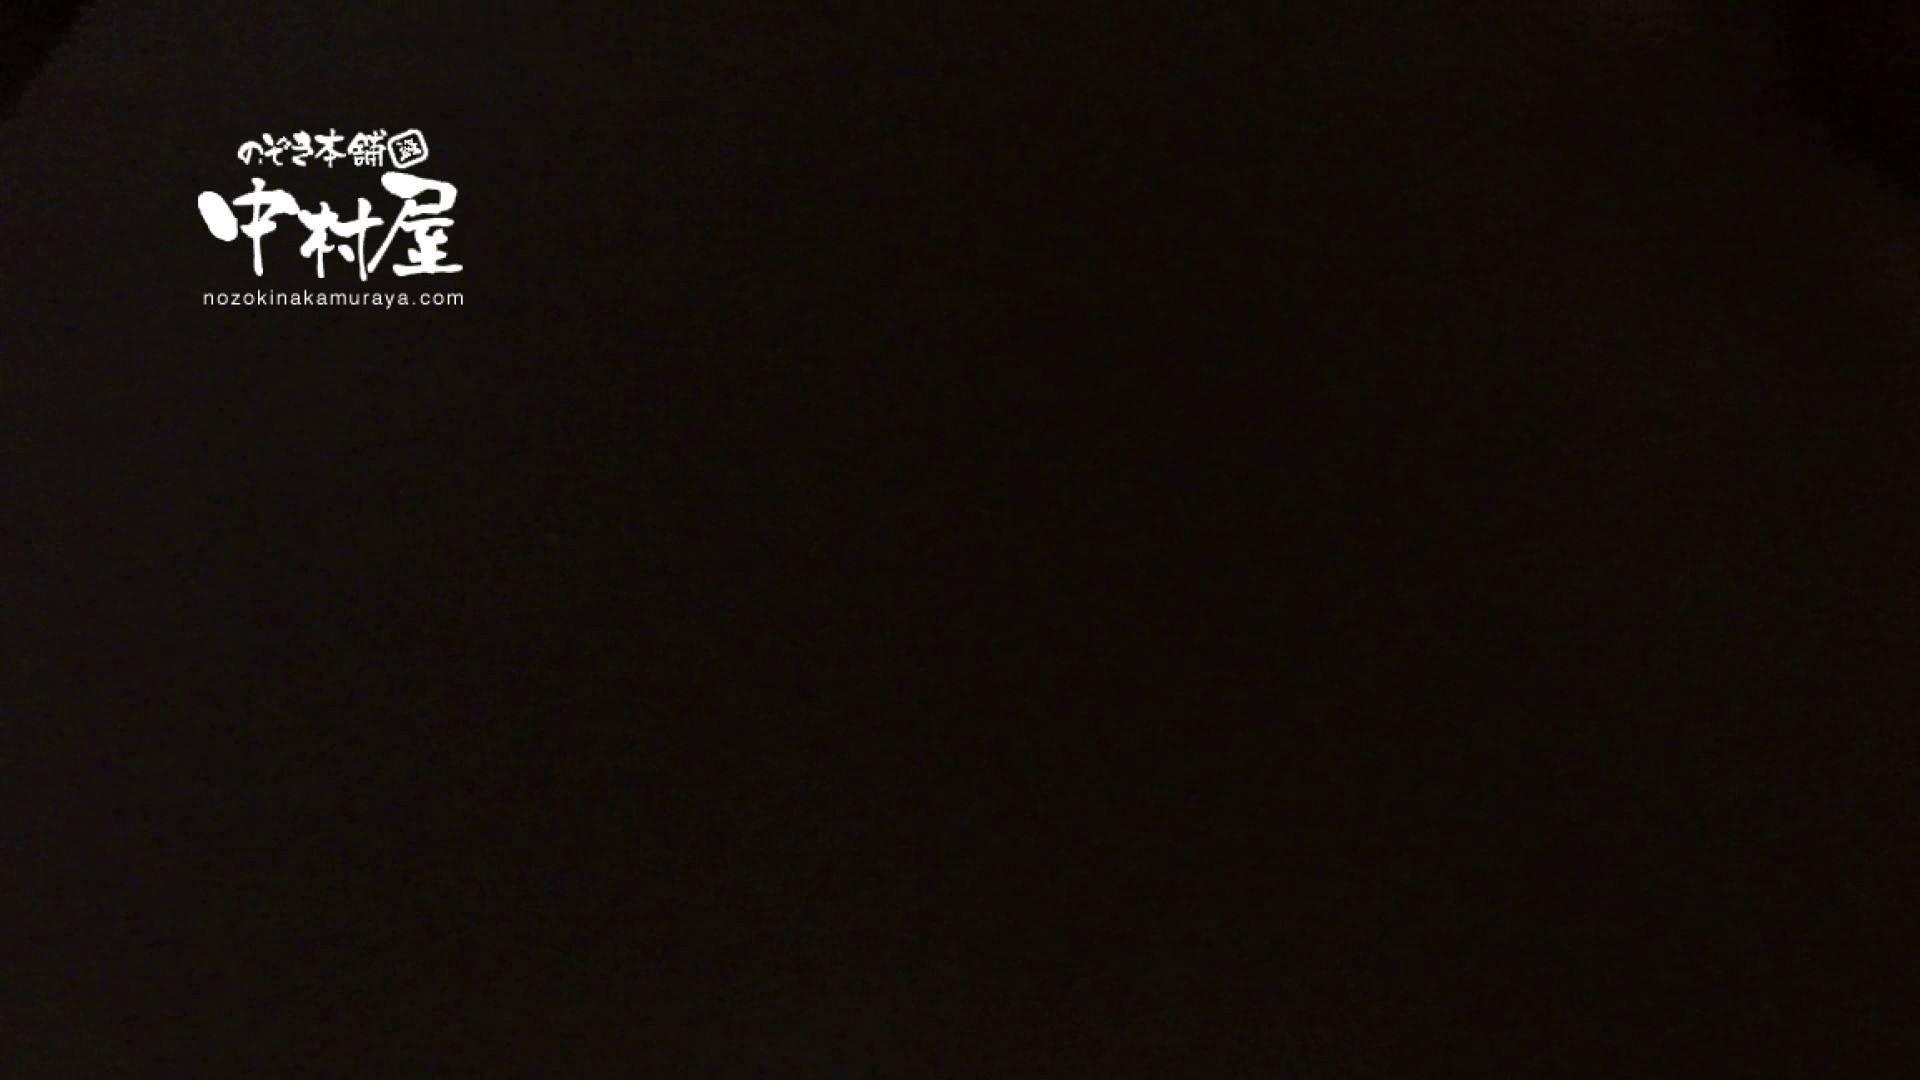 鬼畜 vol.10 あぁ無情…中出しパイパン! 後編 パイパン スケベ動画紹介 41pic 7